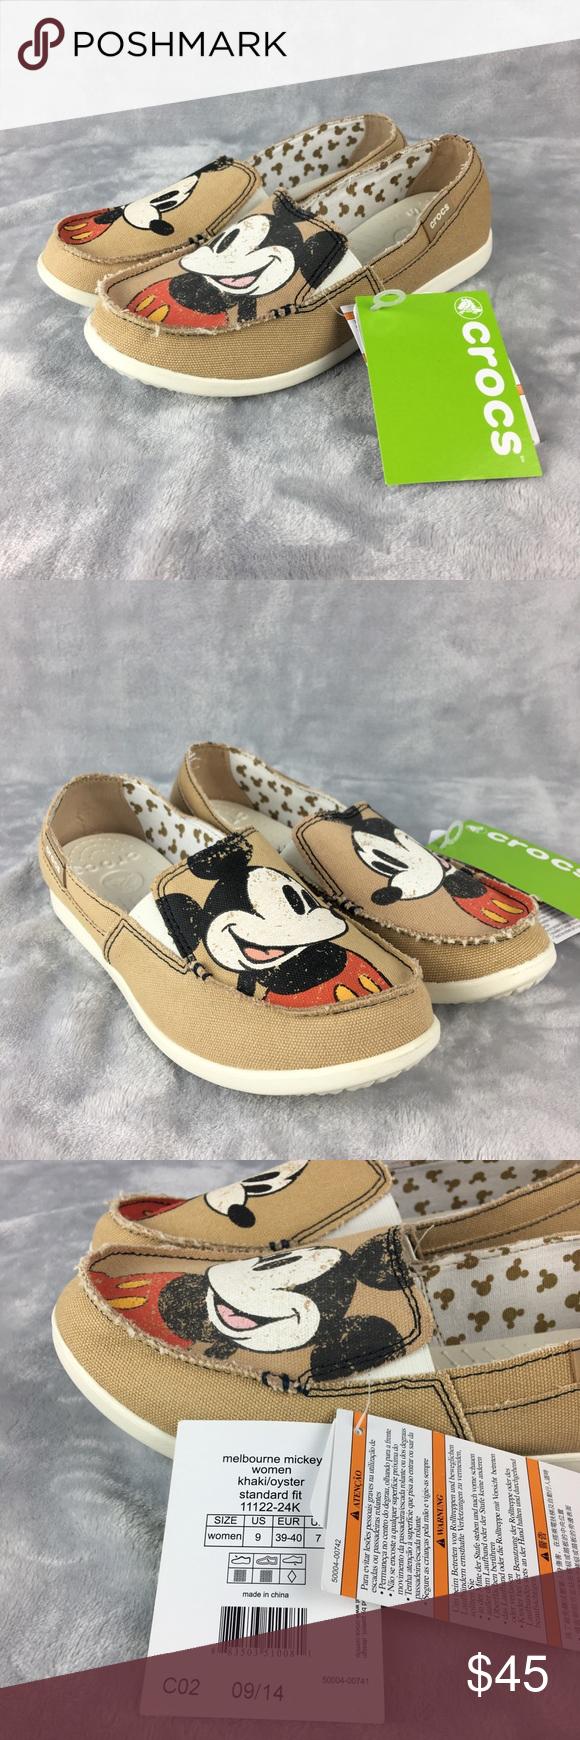 best meet sells Crocs Disney Mickey Mouse Loafers Canvas Flats CROCS x DISNEY ...